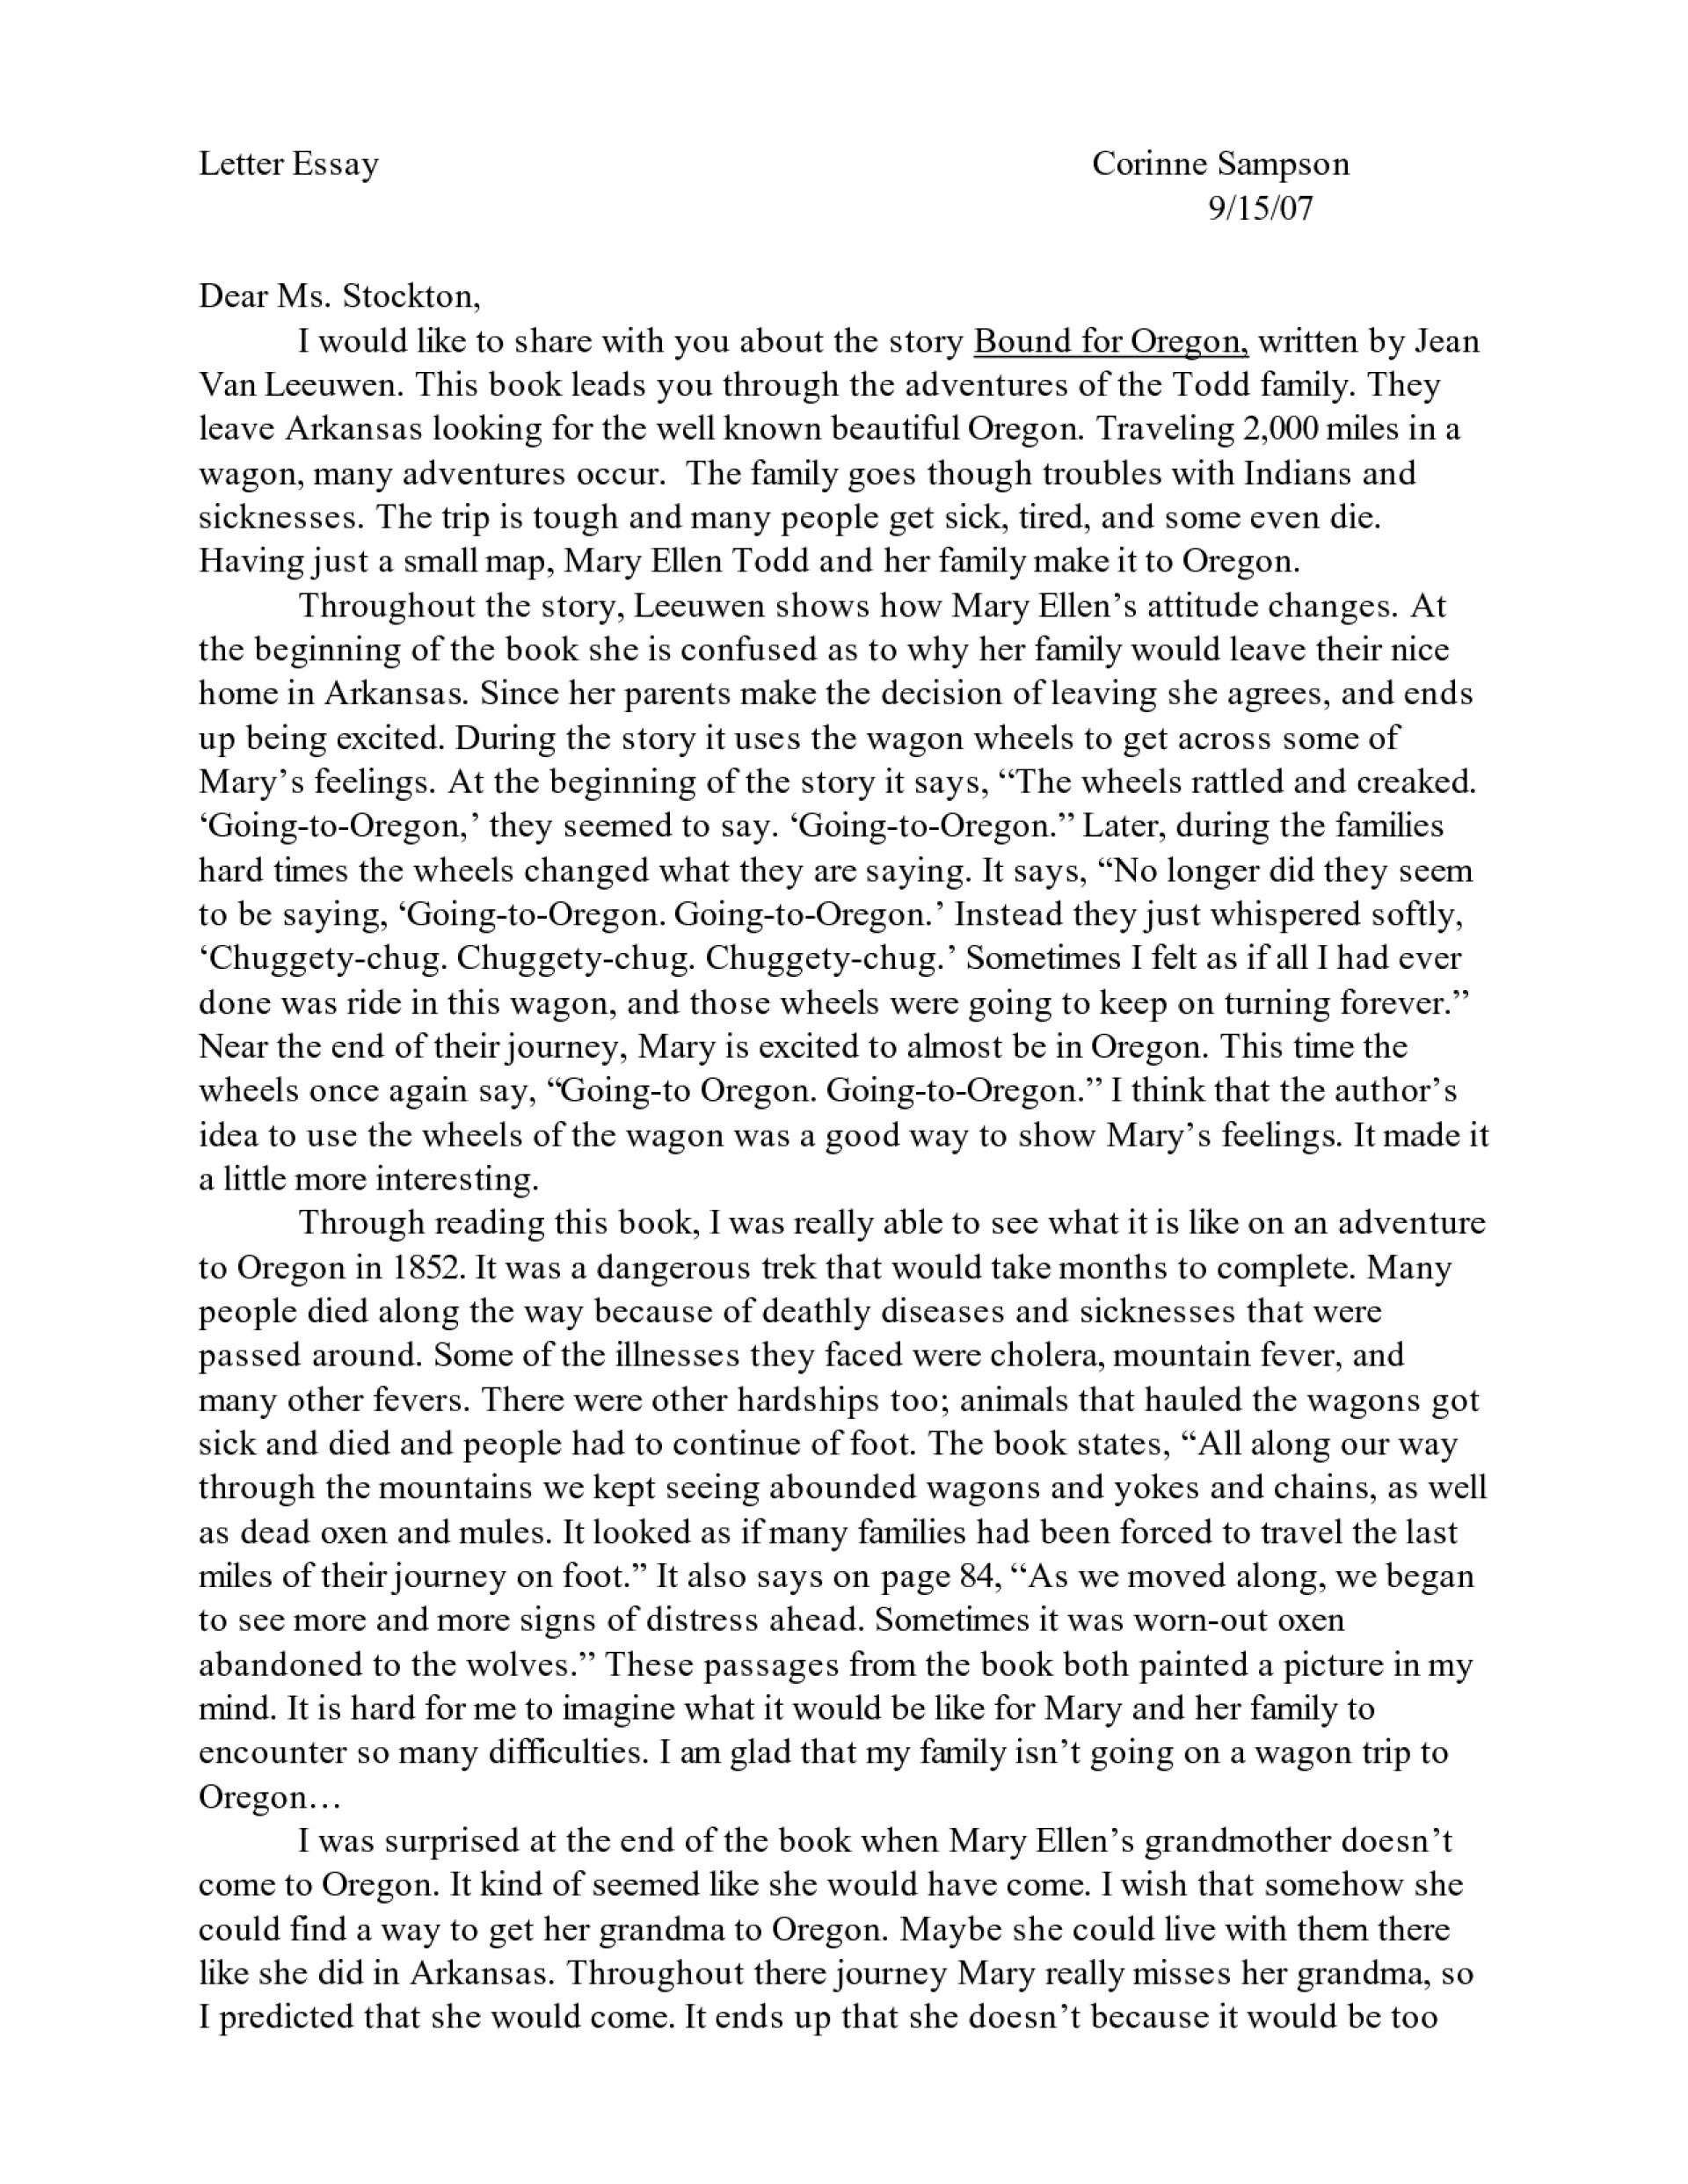 001 Sample Winning Scholarship Essays Essay Sensational 1920